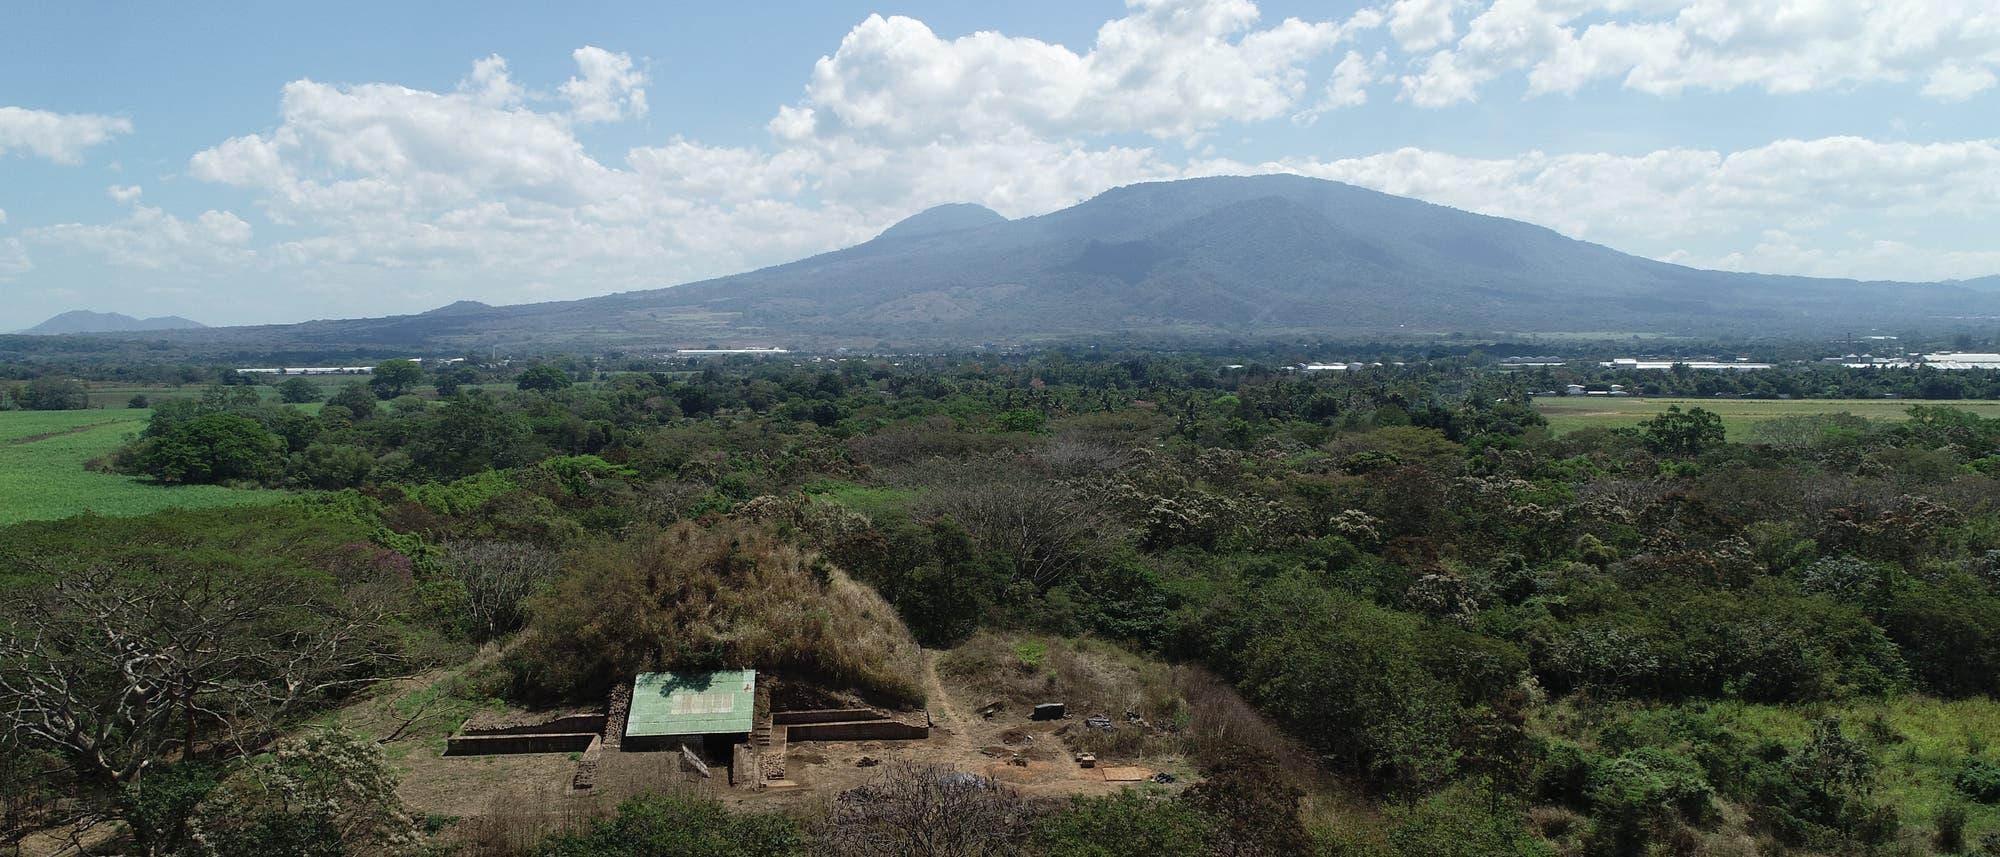 Die Pyramide oder Campana Struktur von San Andrés im Vordergrund, dahinter die Vulkanlandschaft von San Salvador.